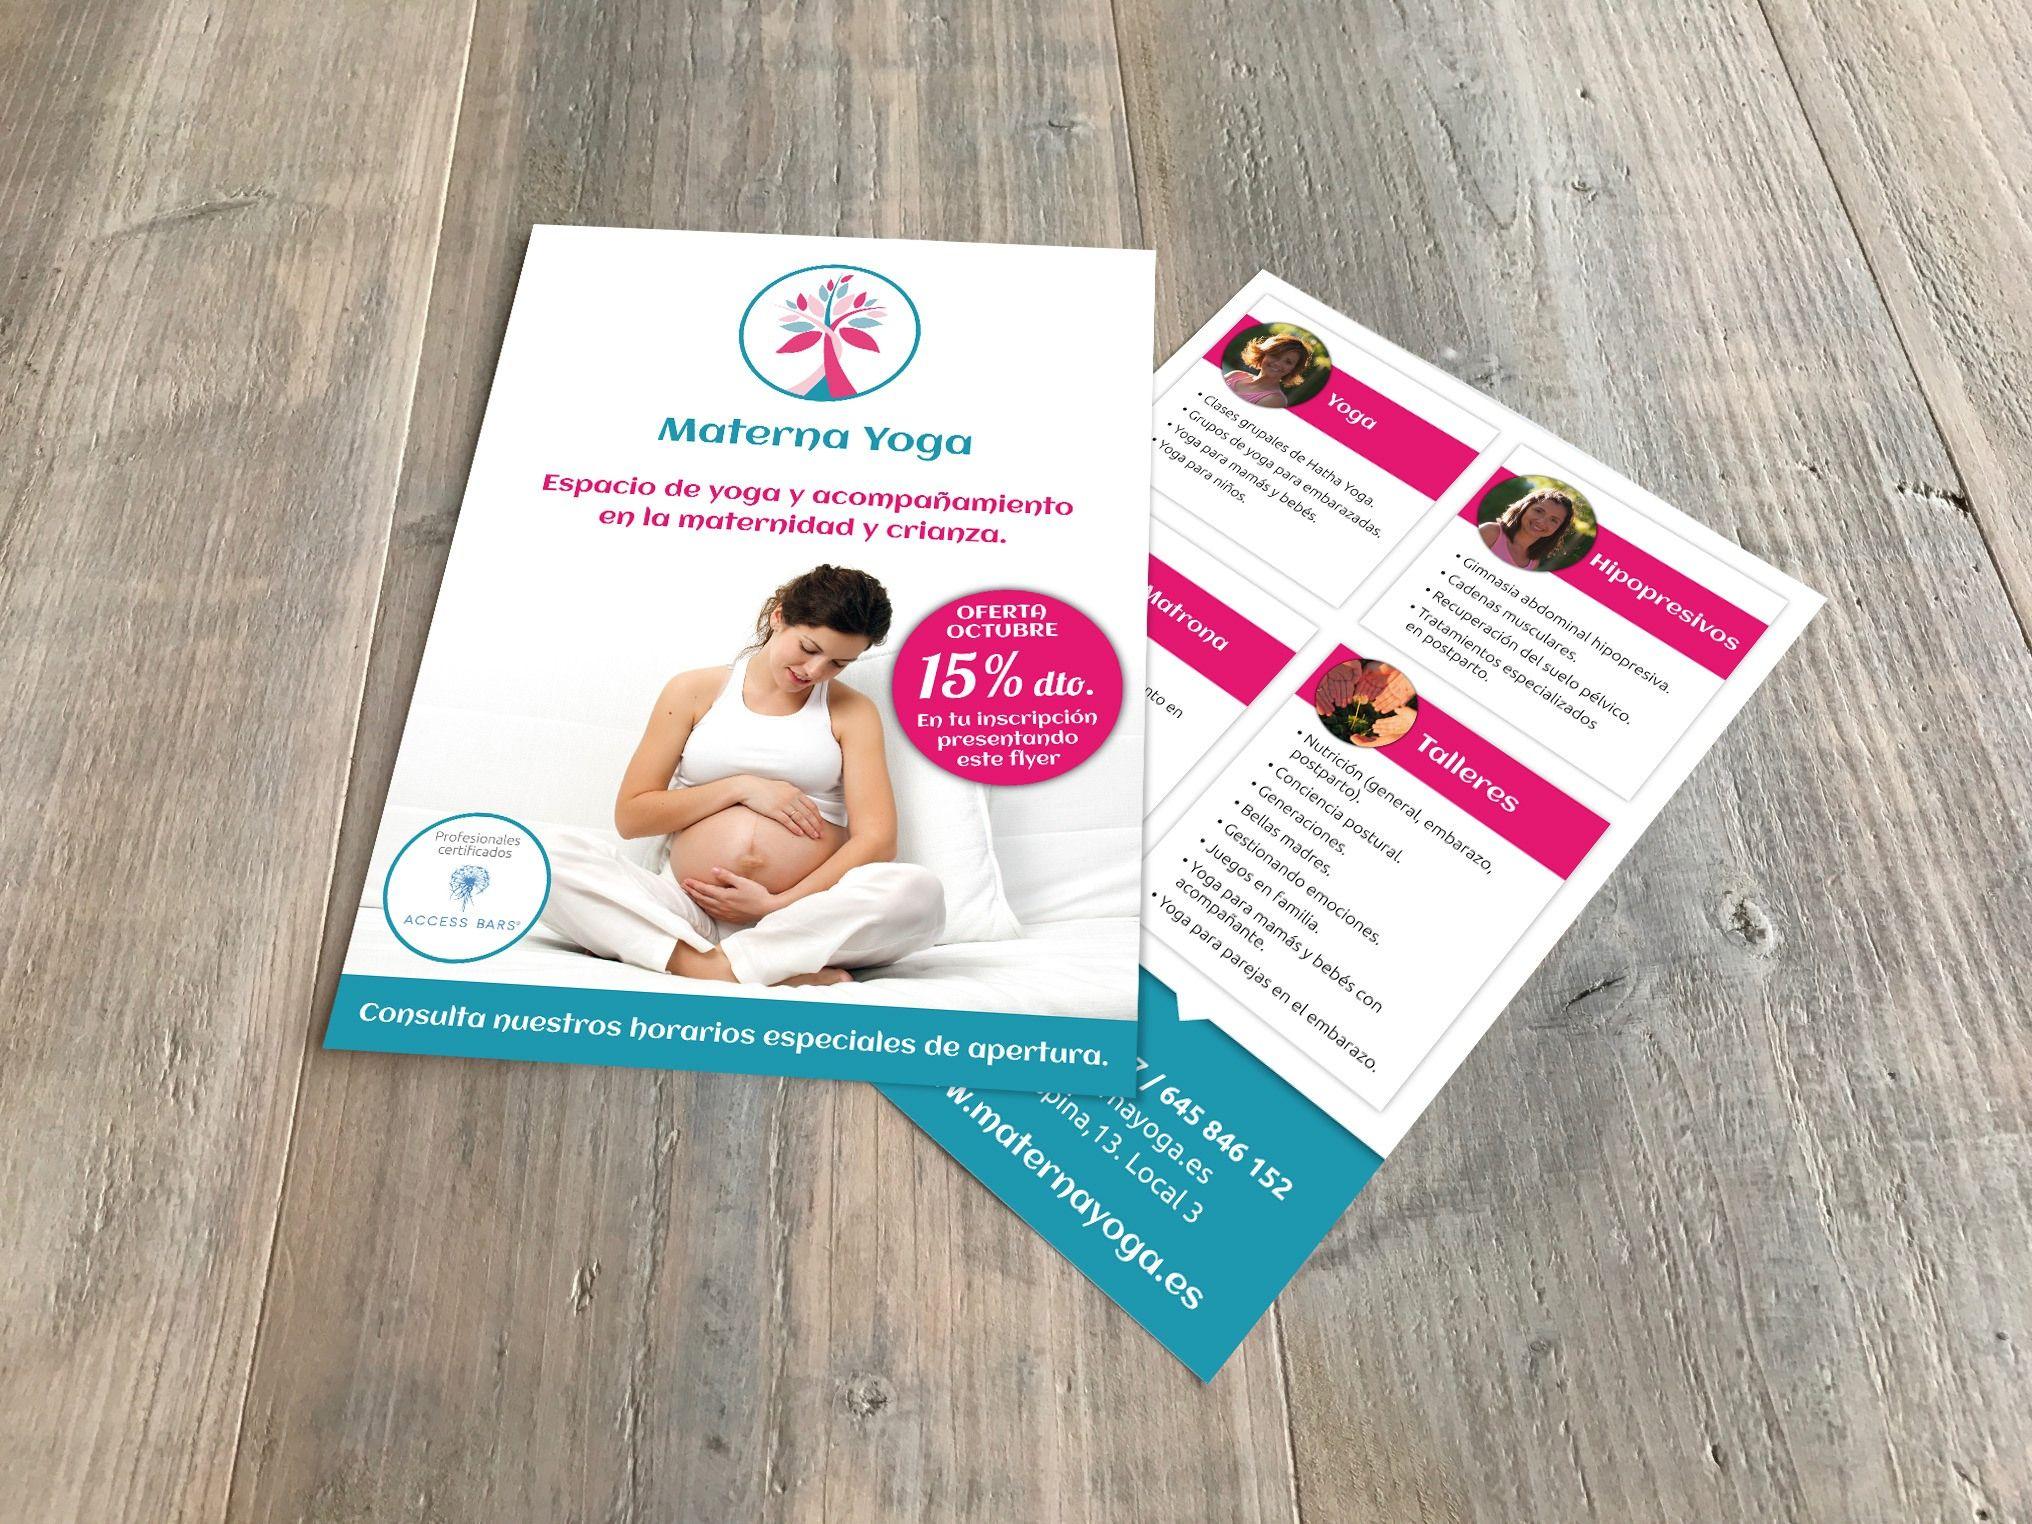 flyers materna yoga